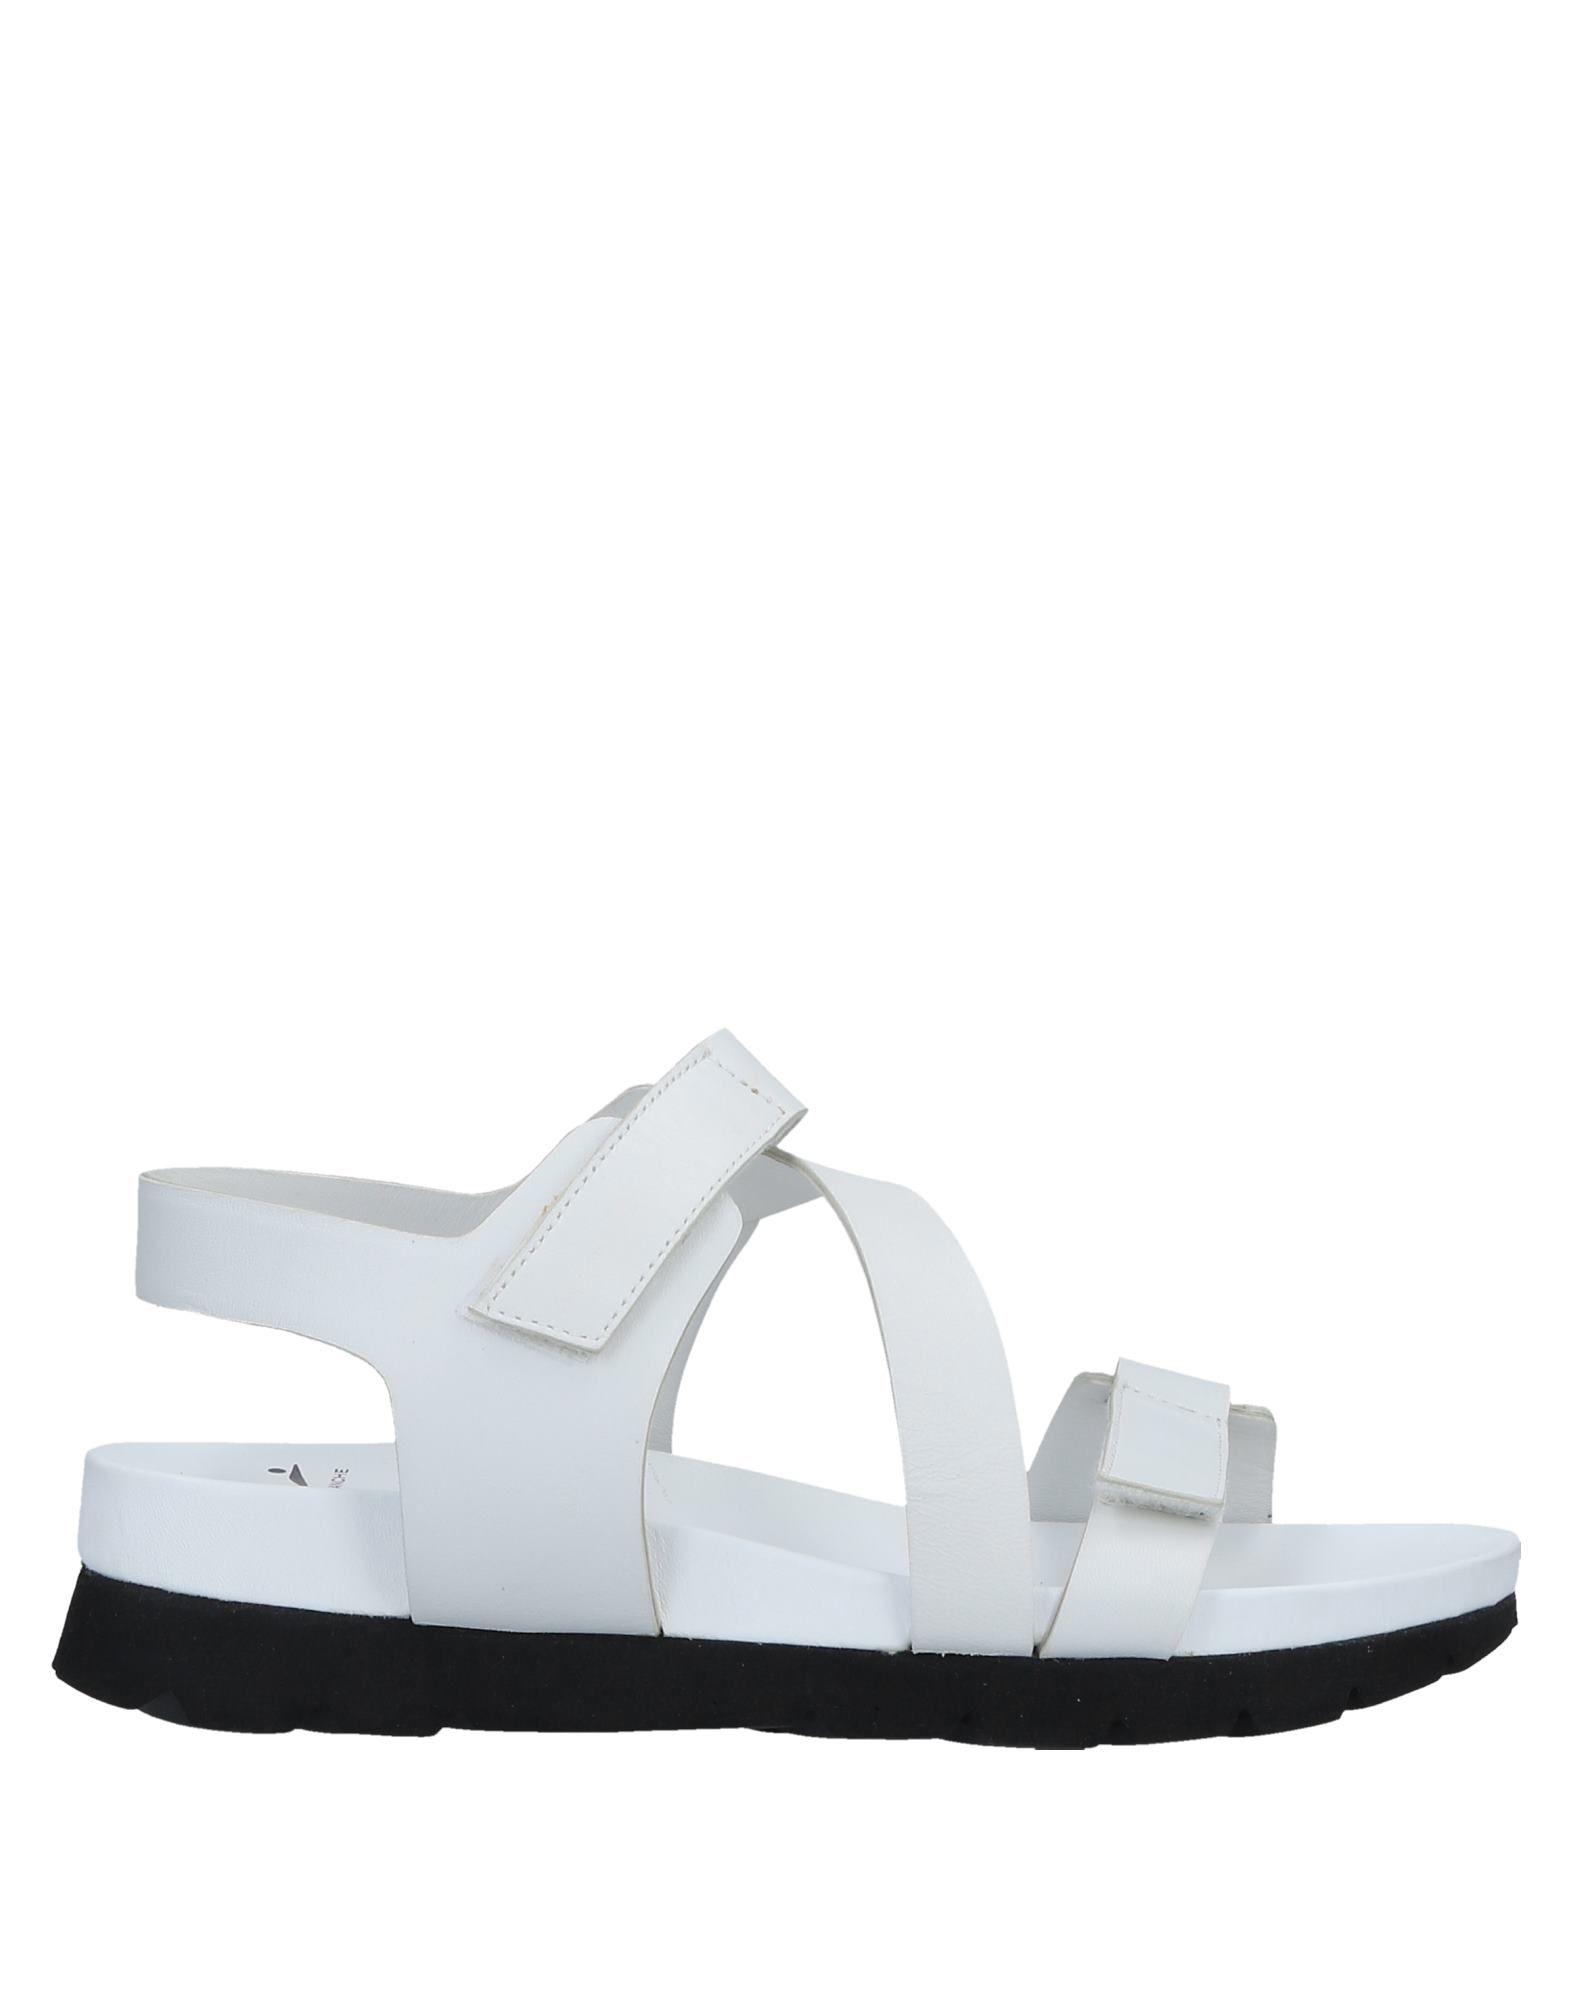 Voile Blanche Sandalen Damen  11025576QF Gute Qualität beliebte Schuhe